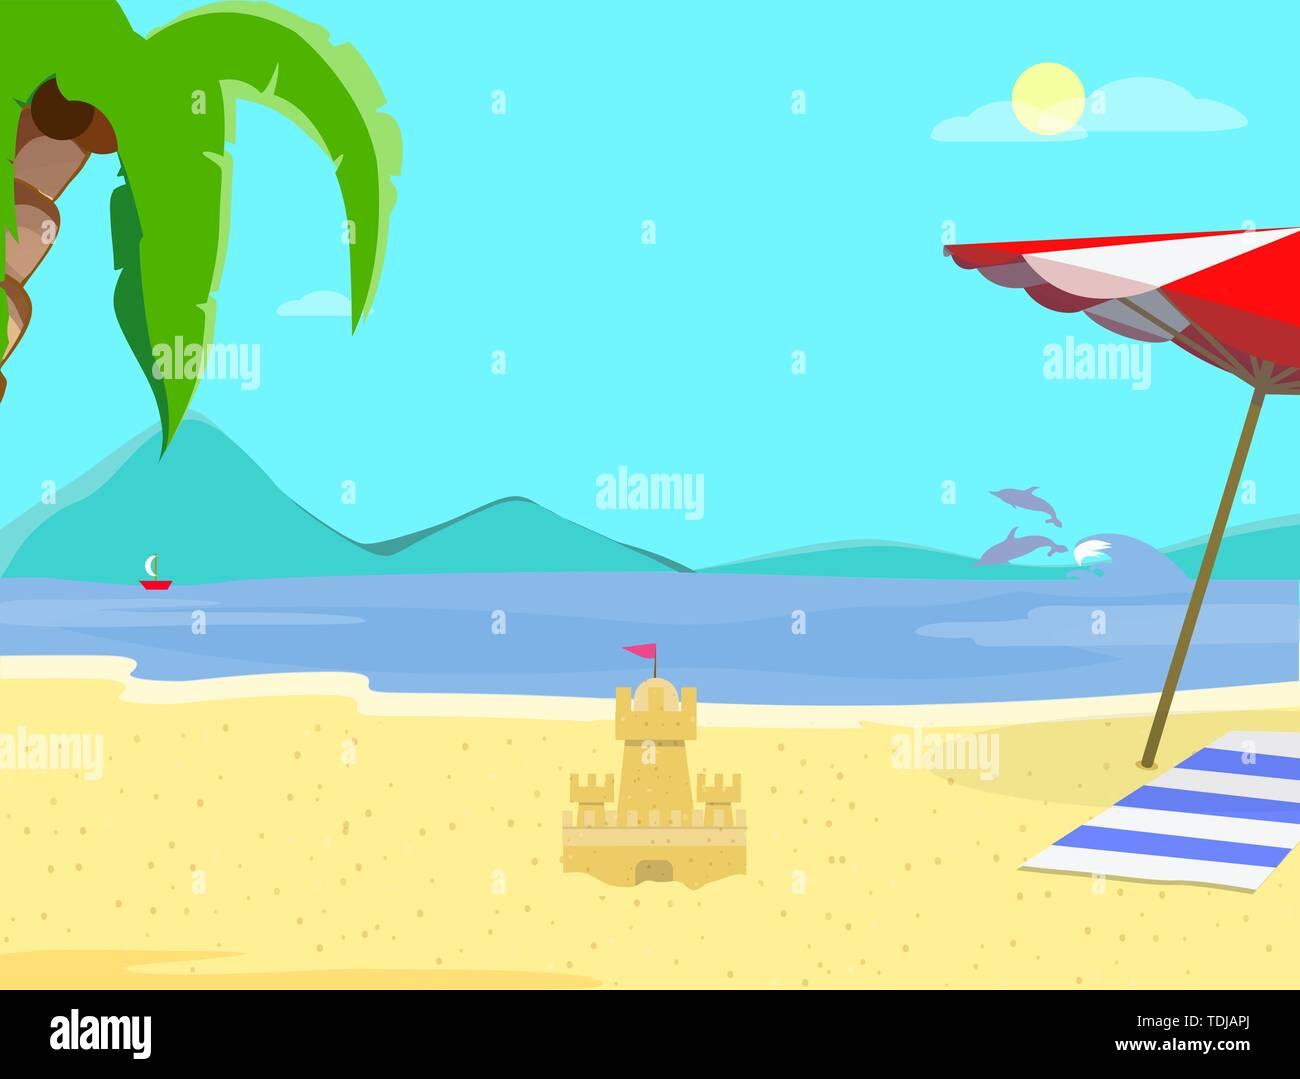 Sommer Strand Hintergrund, Tag Zeit leere Landschaft, exotische Meer mit Sand Castle Resort, Küste, Meer, Palmen, Delphine, Segelschiff, Sandy Sh Stockbild